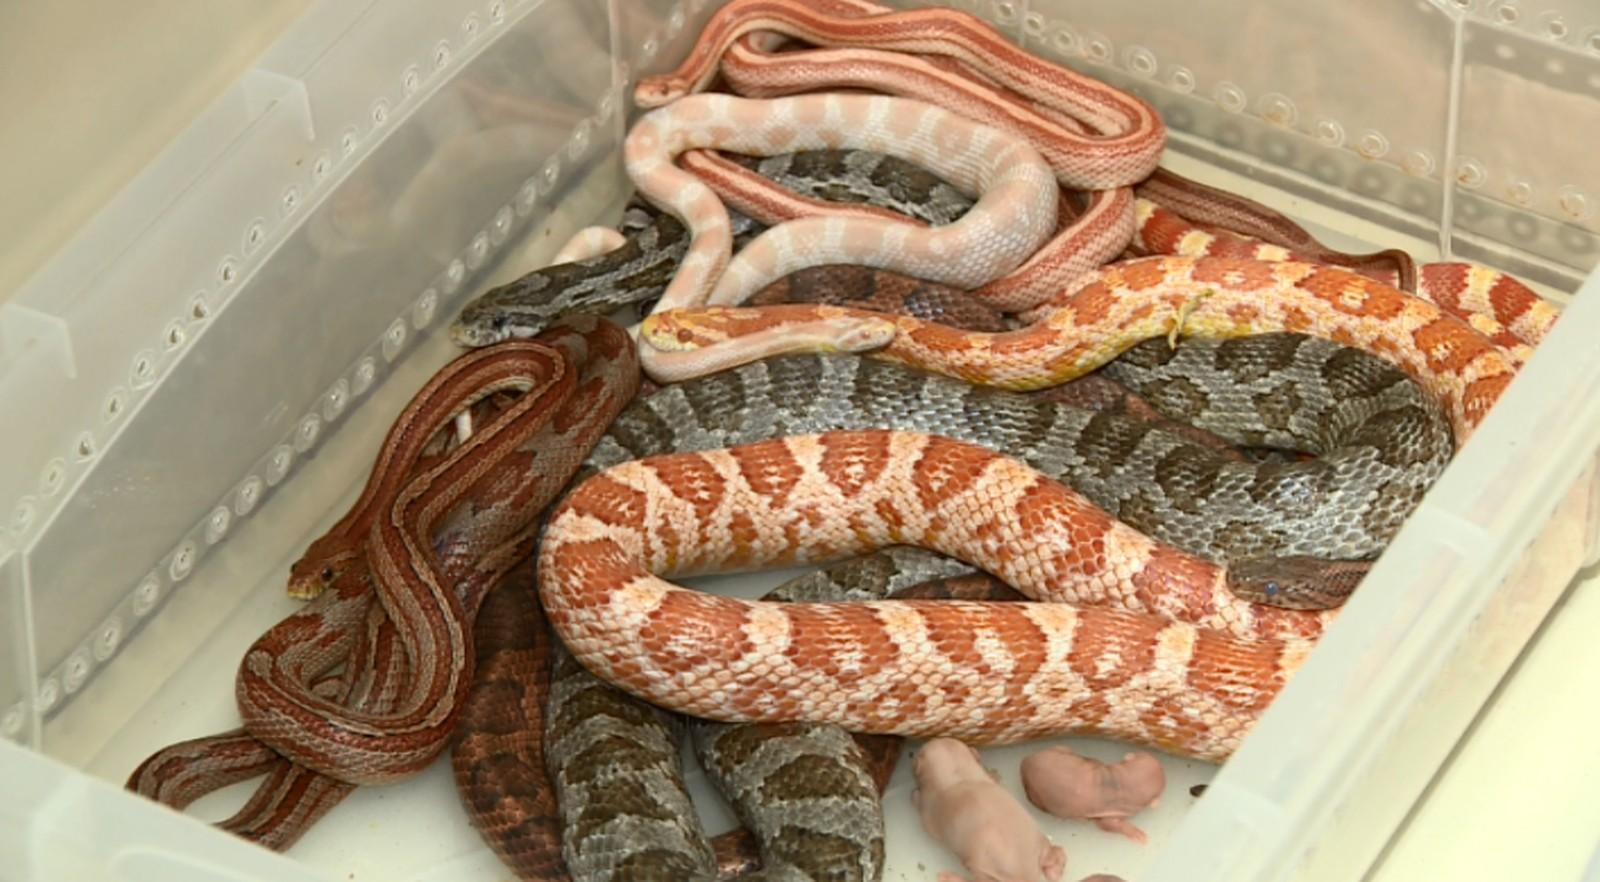 Serpentes e ratos foram encontrados na residência em Americana (Foto: Reprodução EPTV)